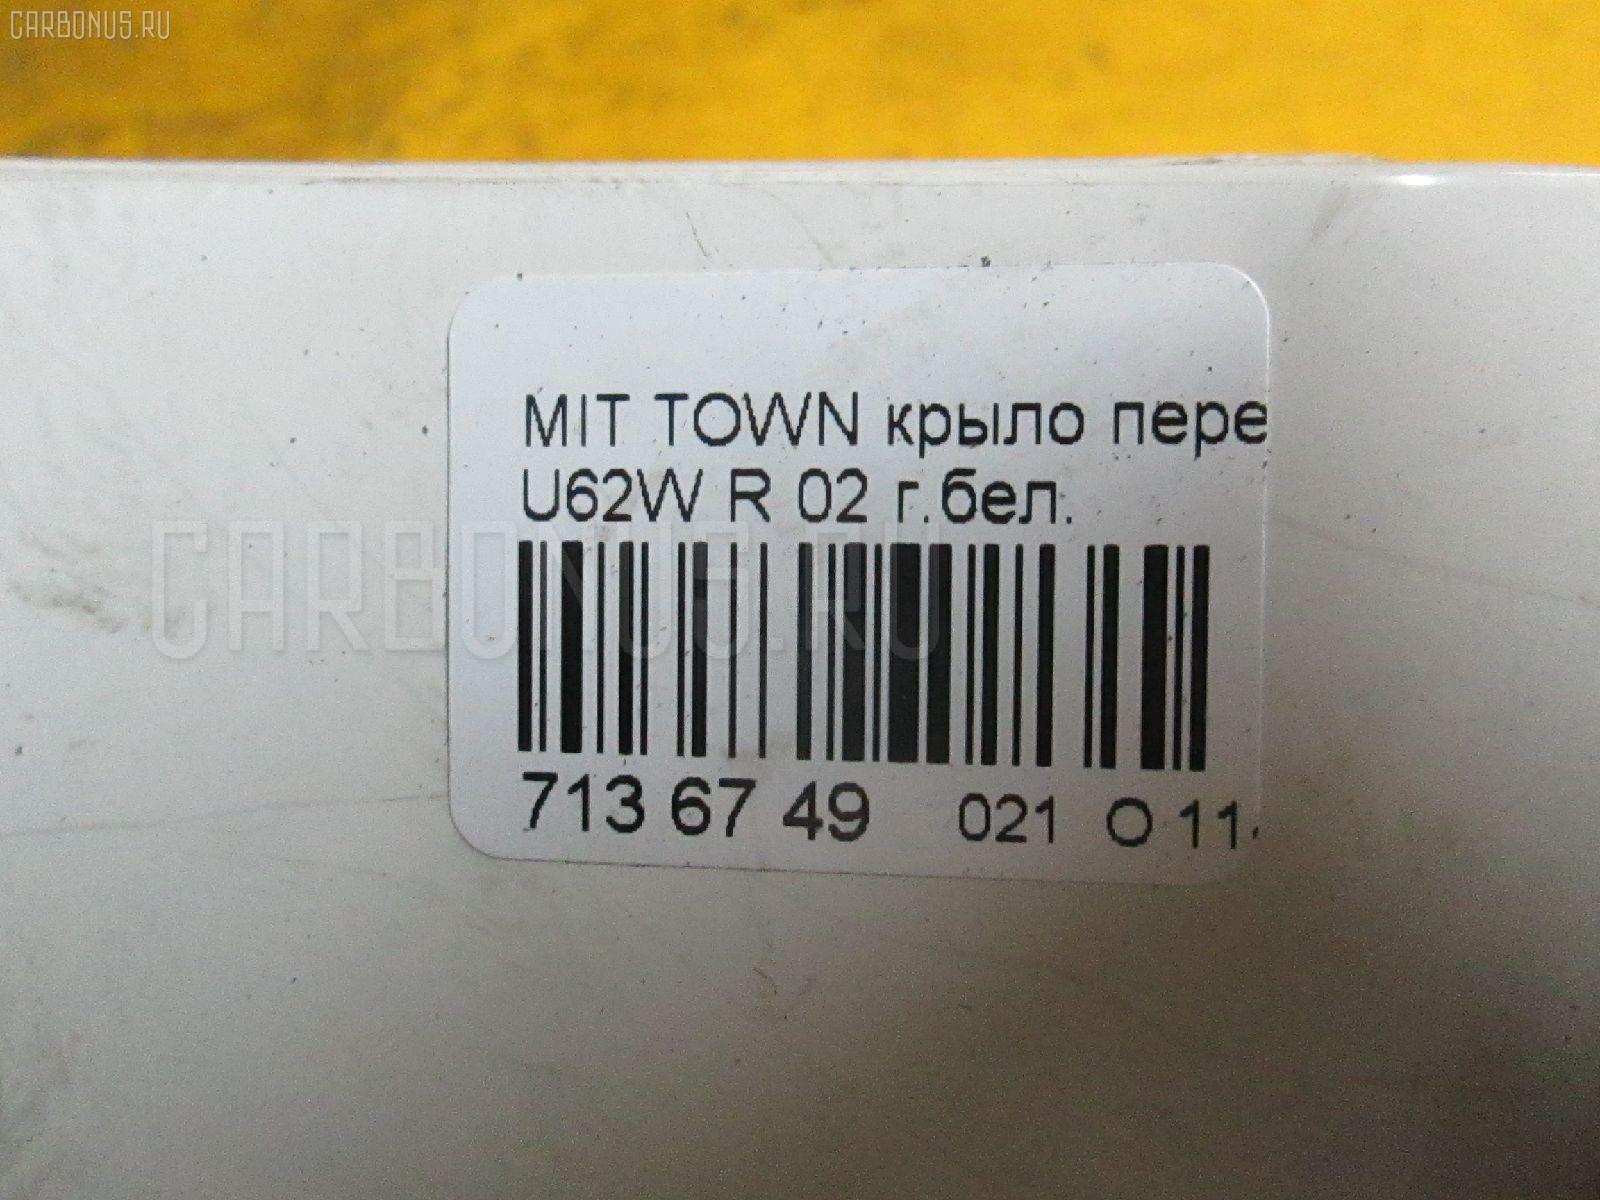 Крыло переднее MITSUBISHI TOWN BOX U62W Фото 3